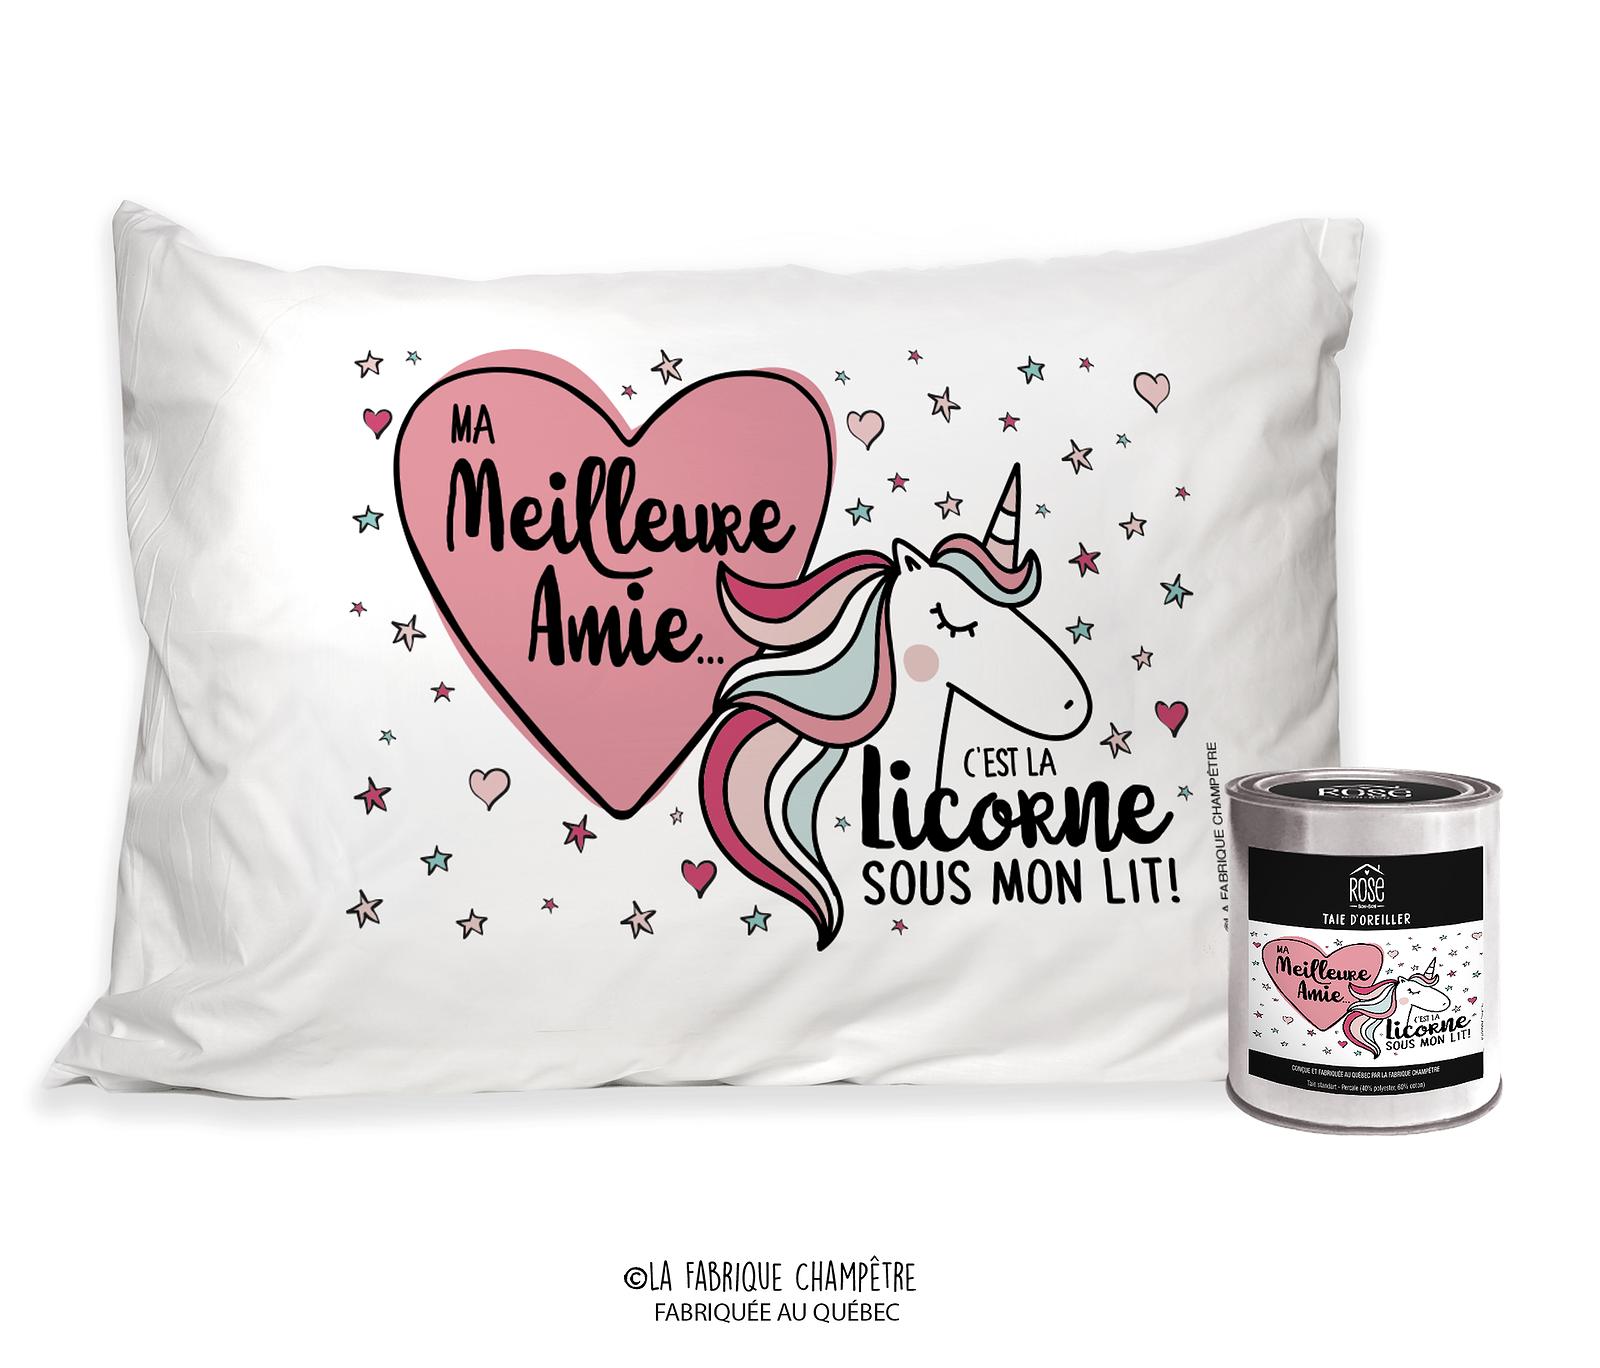 """Image Pour Ma Meilleure Amie dedans taie d'oreiller """"ma meilleure amie c'est la licorne sous mon lit"""